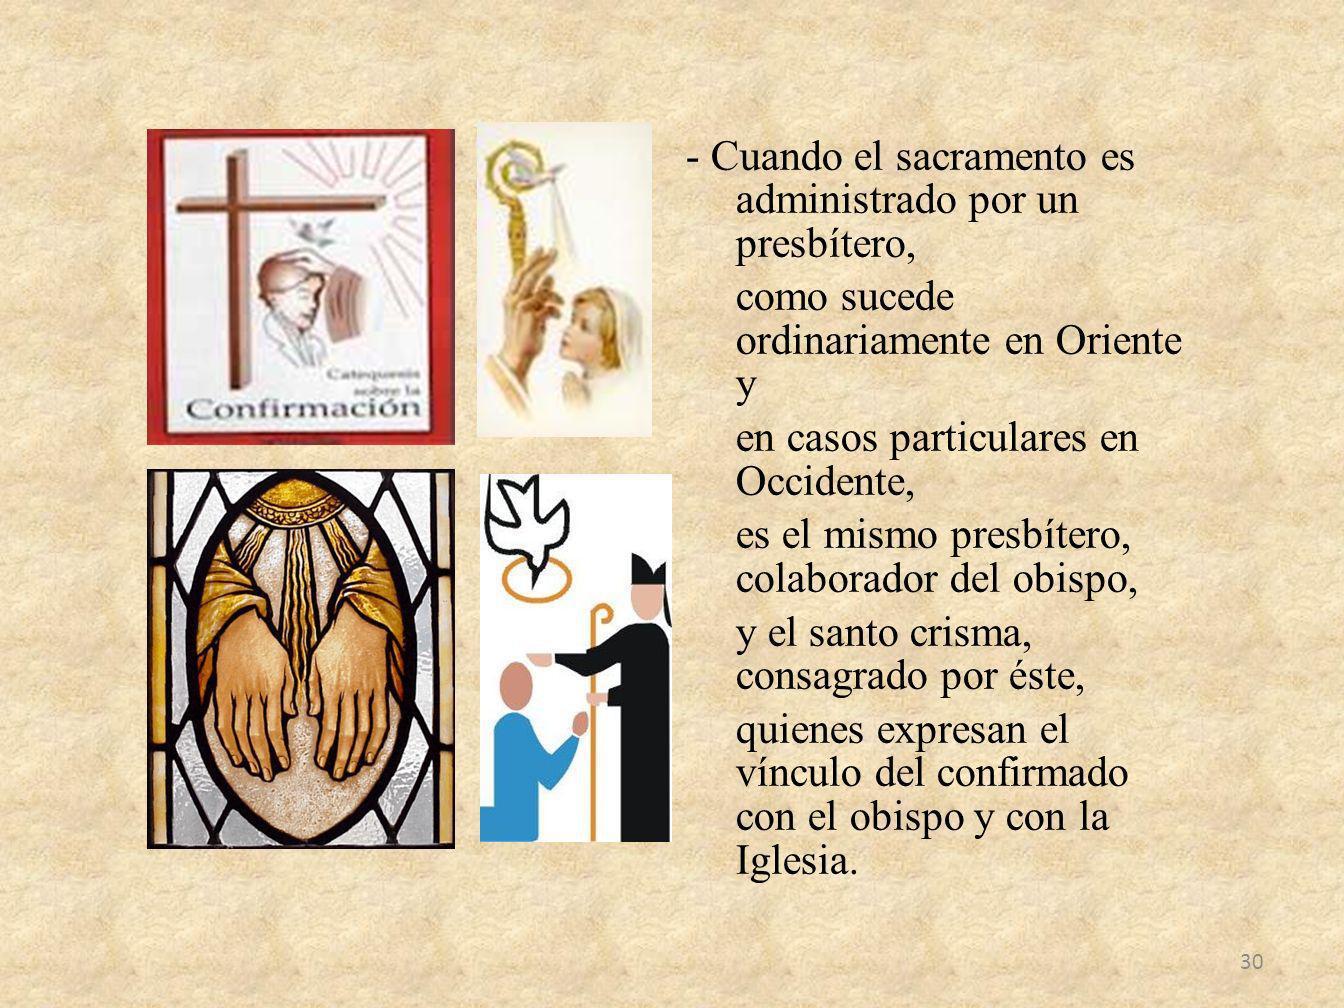 - Cuando el sacramento es administrado por un presbítero, como sucede ordinariamente en Oriente y en casos particulares en Occidente, es el mismo pres